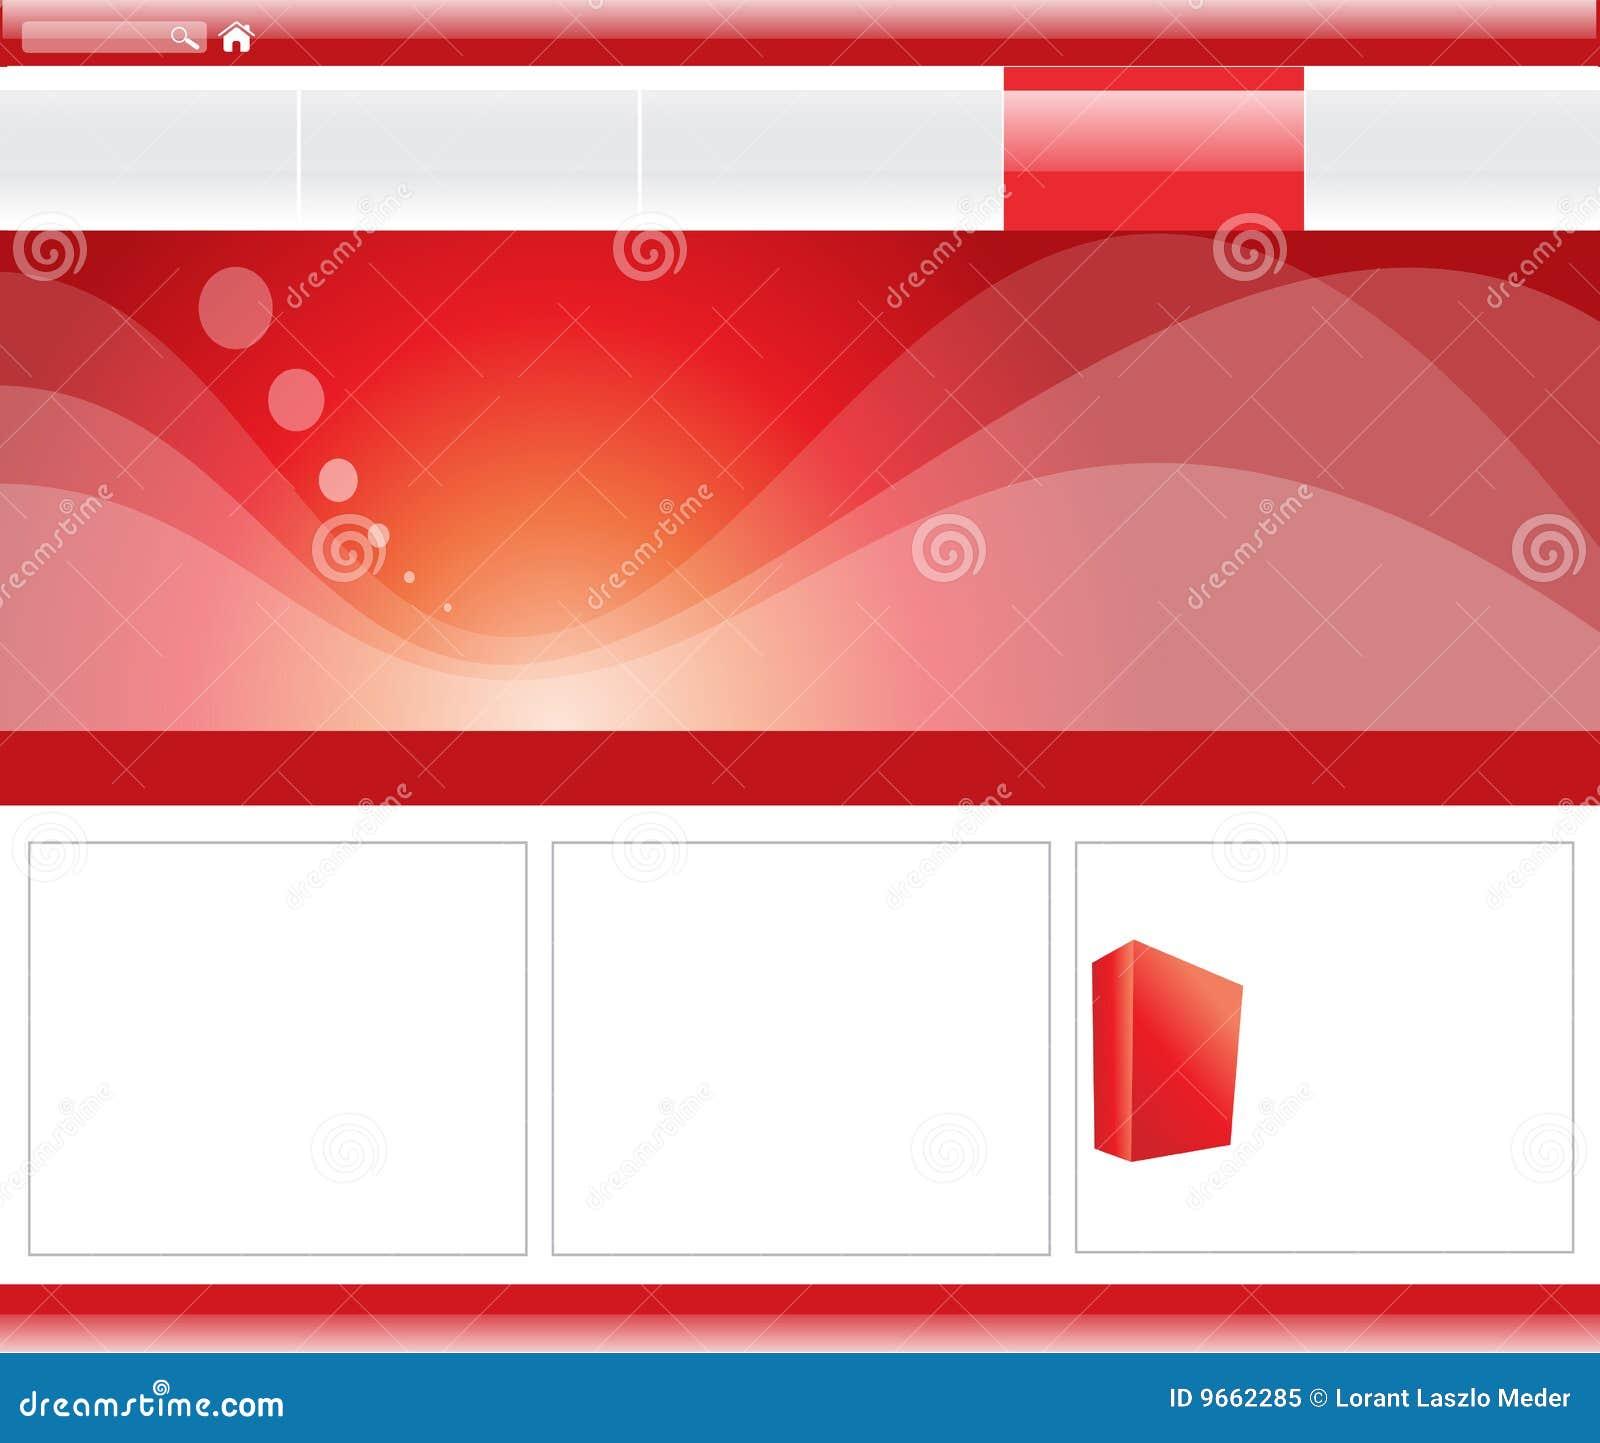 横幅红色站点模板万维网机智.